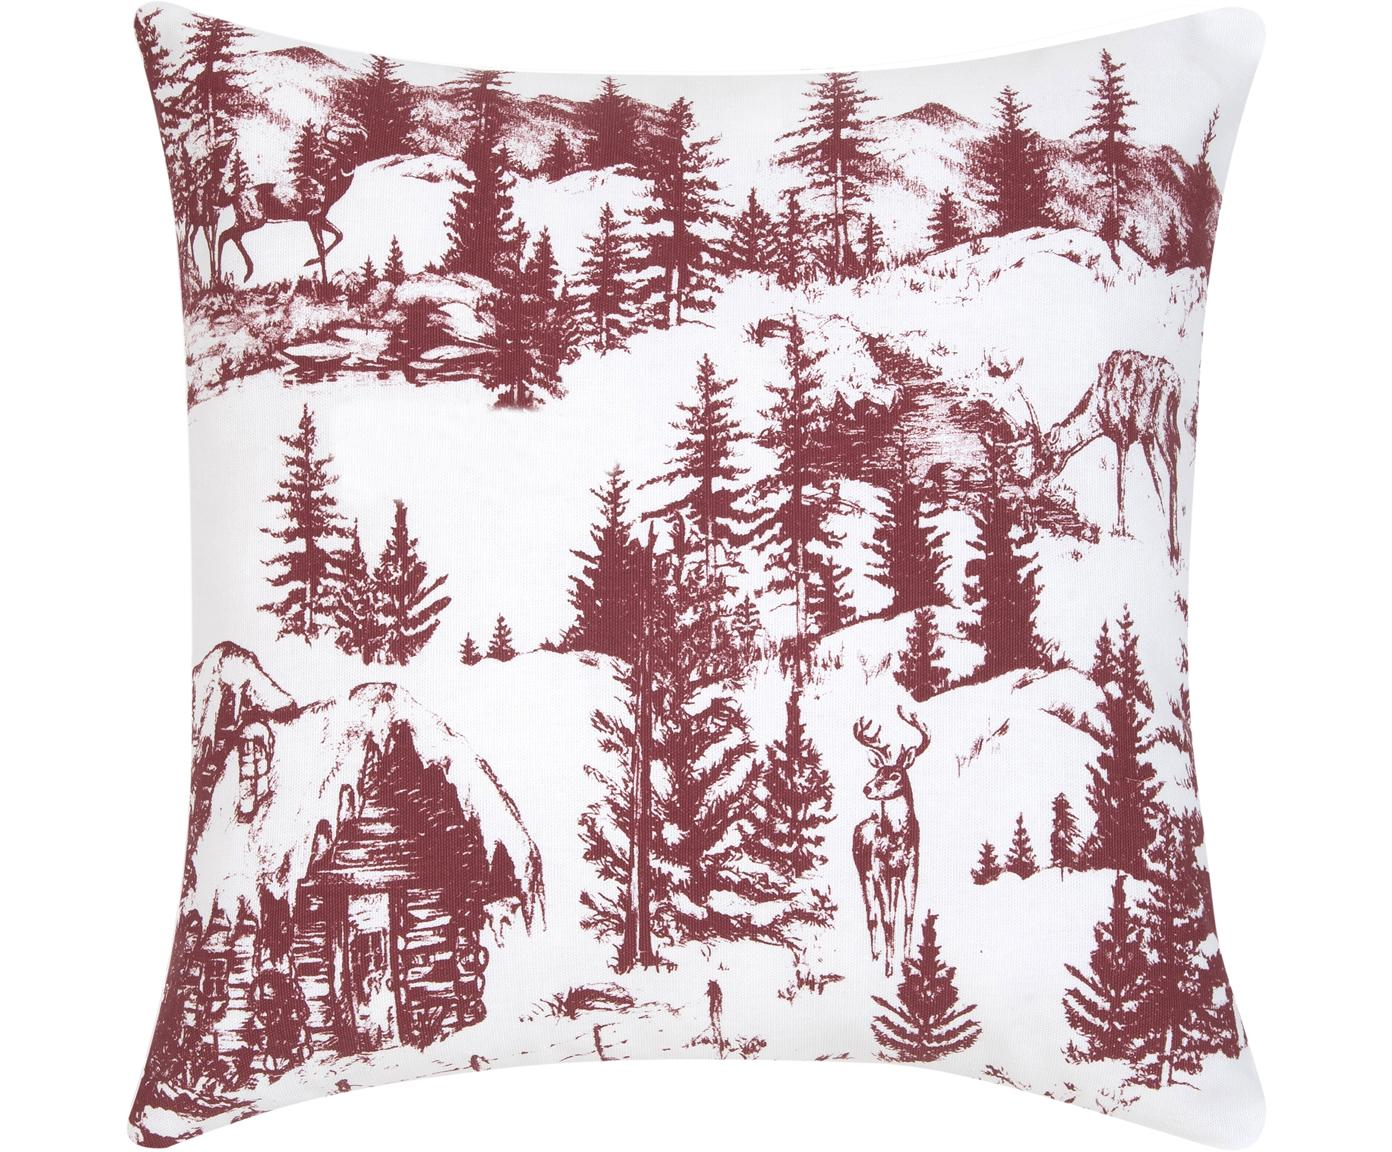 Federa arredo con motivo invernale Nordic, 100% cotone, Bianco, rosso, Larg. 40 x Lung. 40 cm